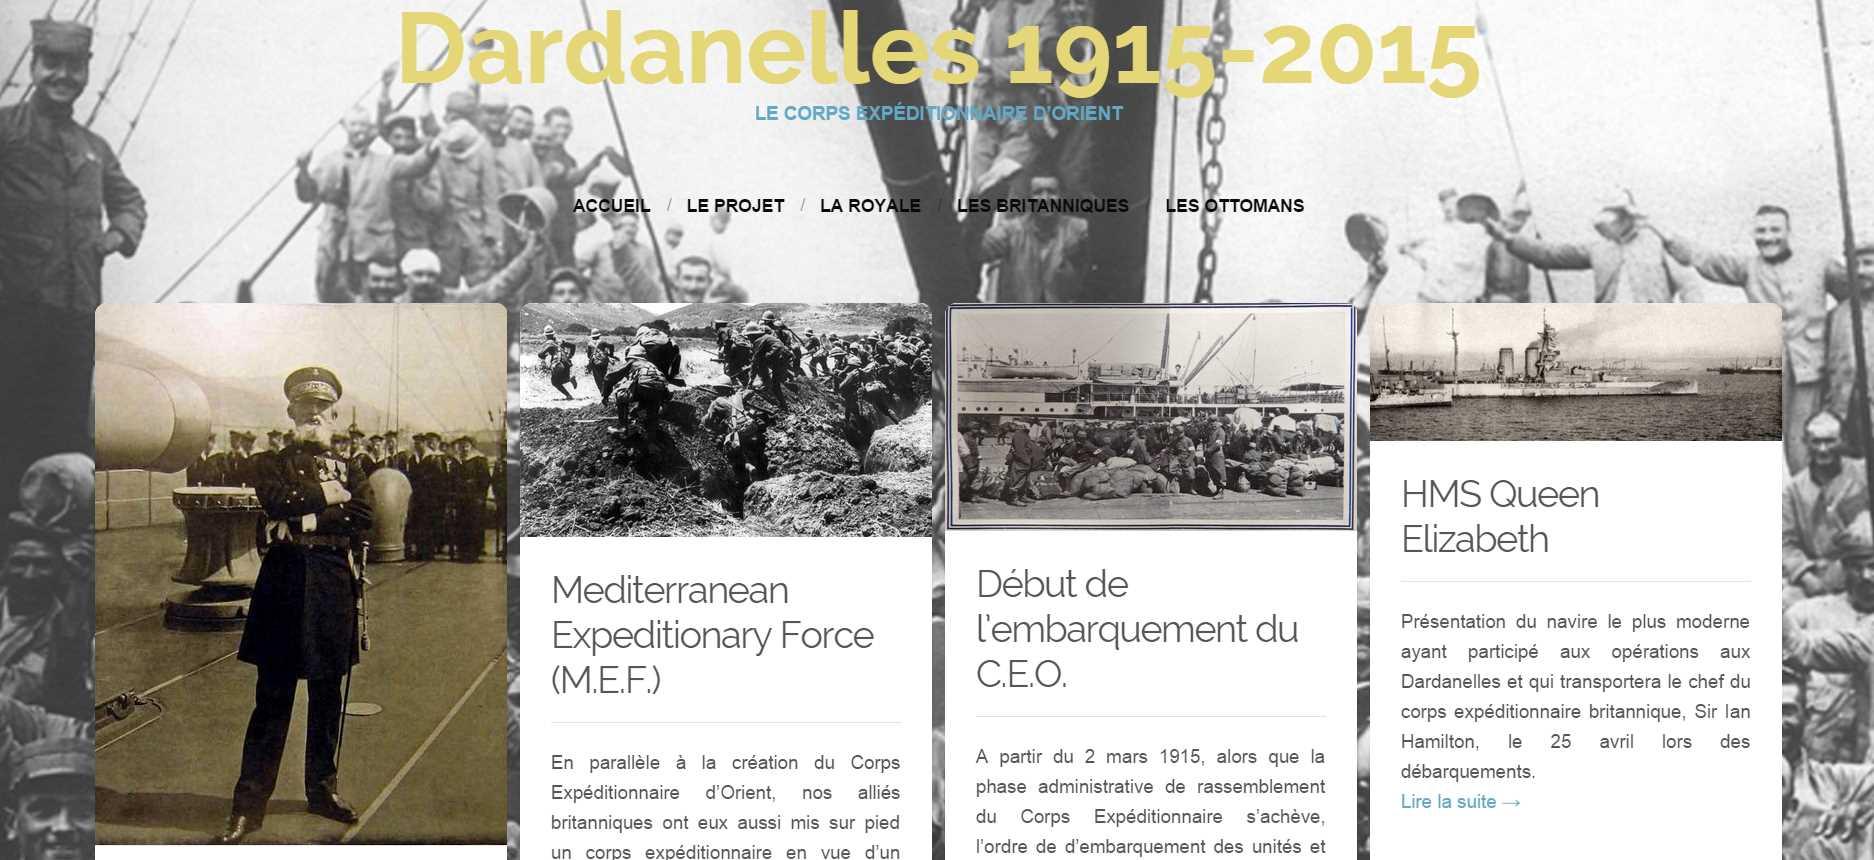 25 avril 1915 Centenaire du débarquement des Dardanelles